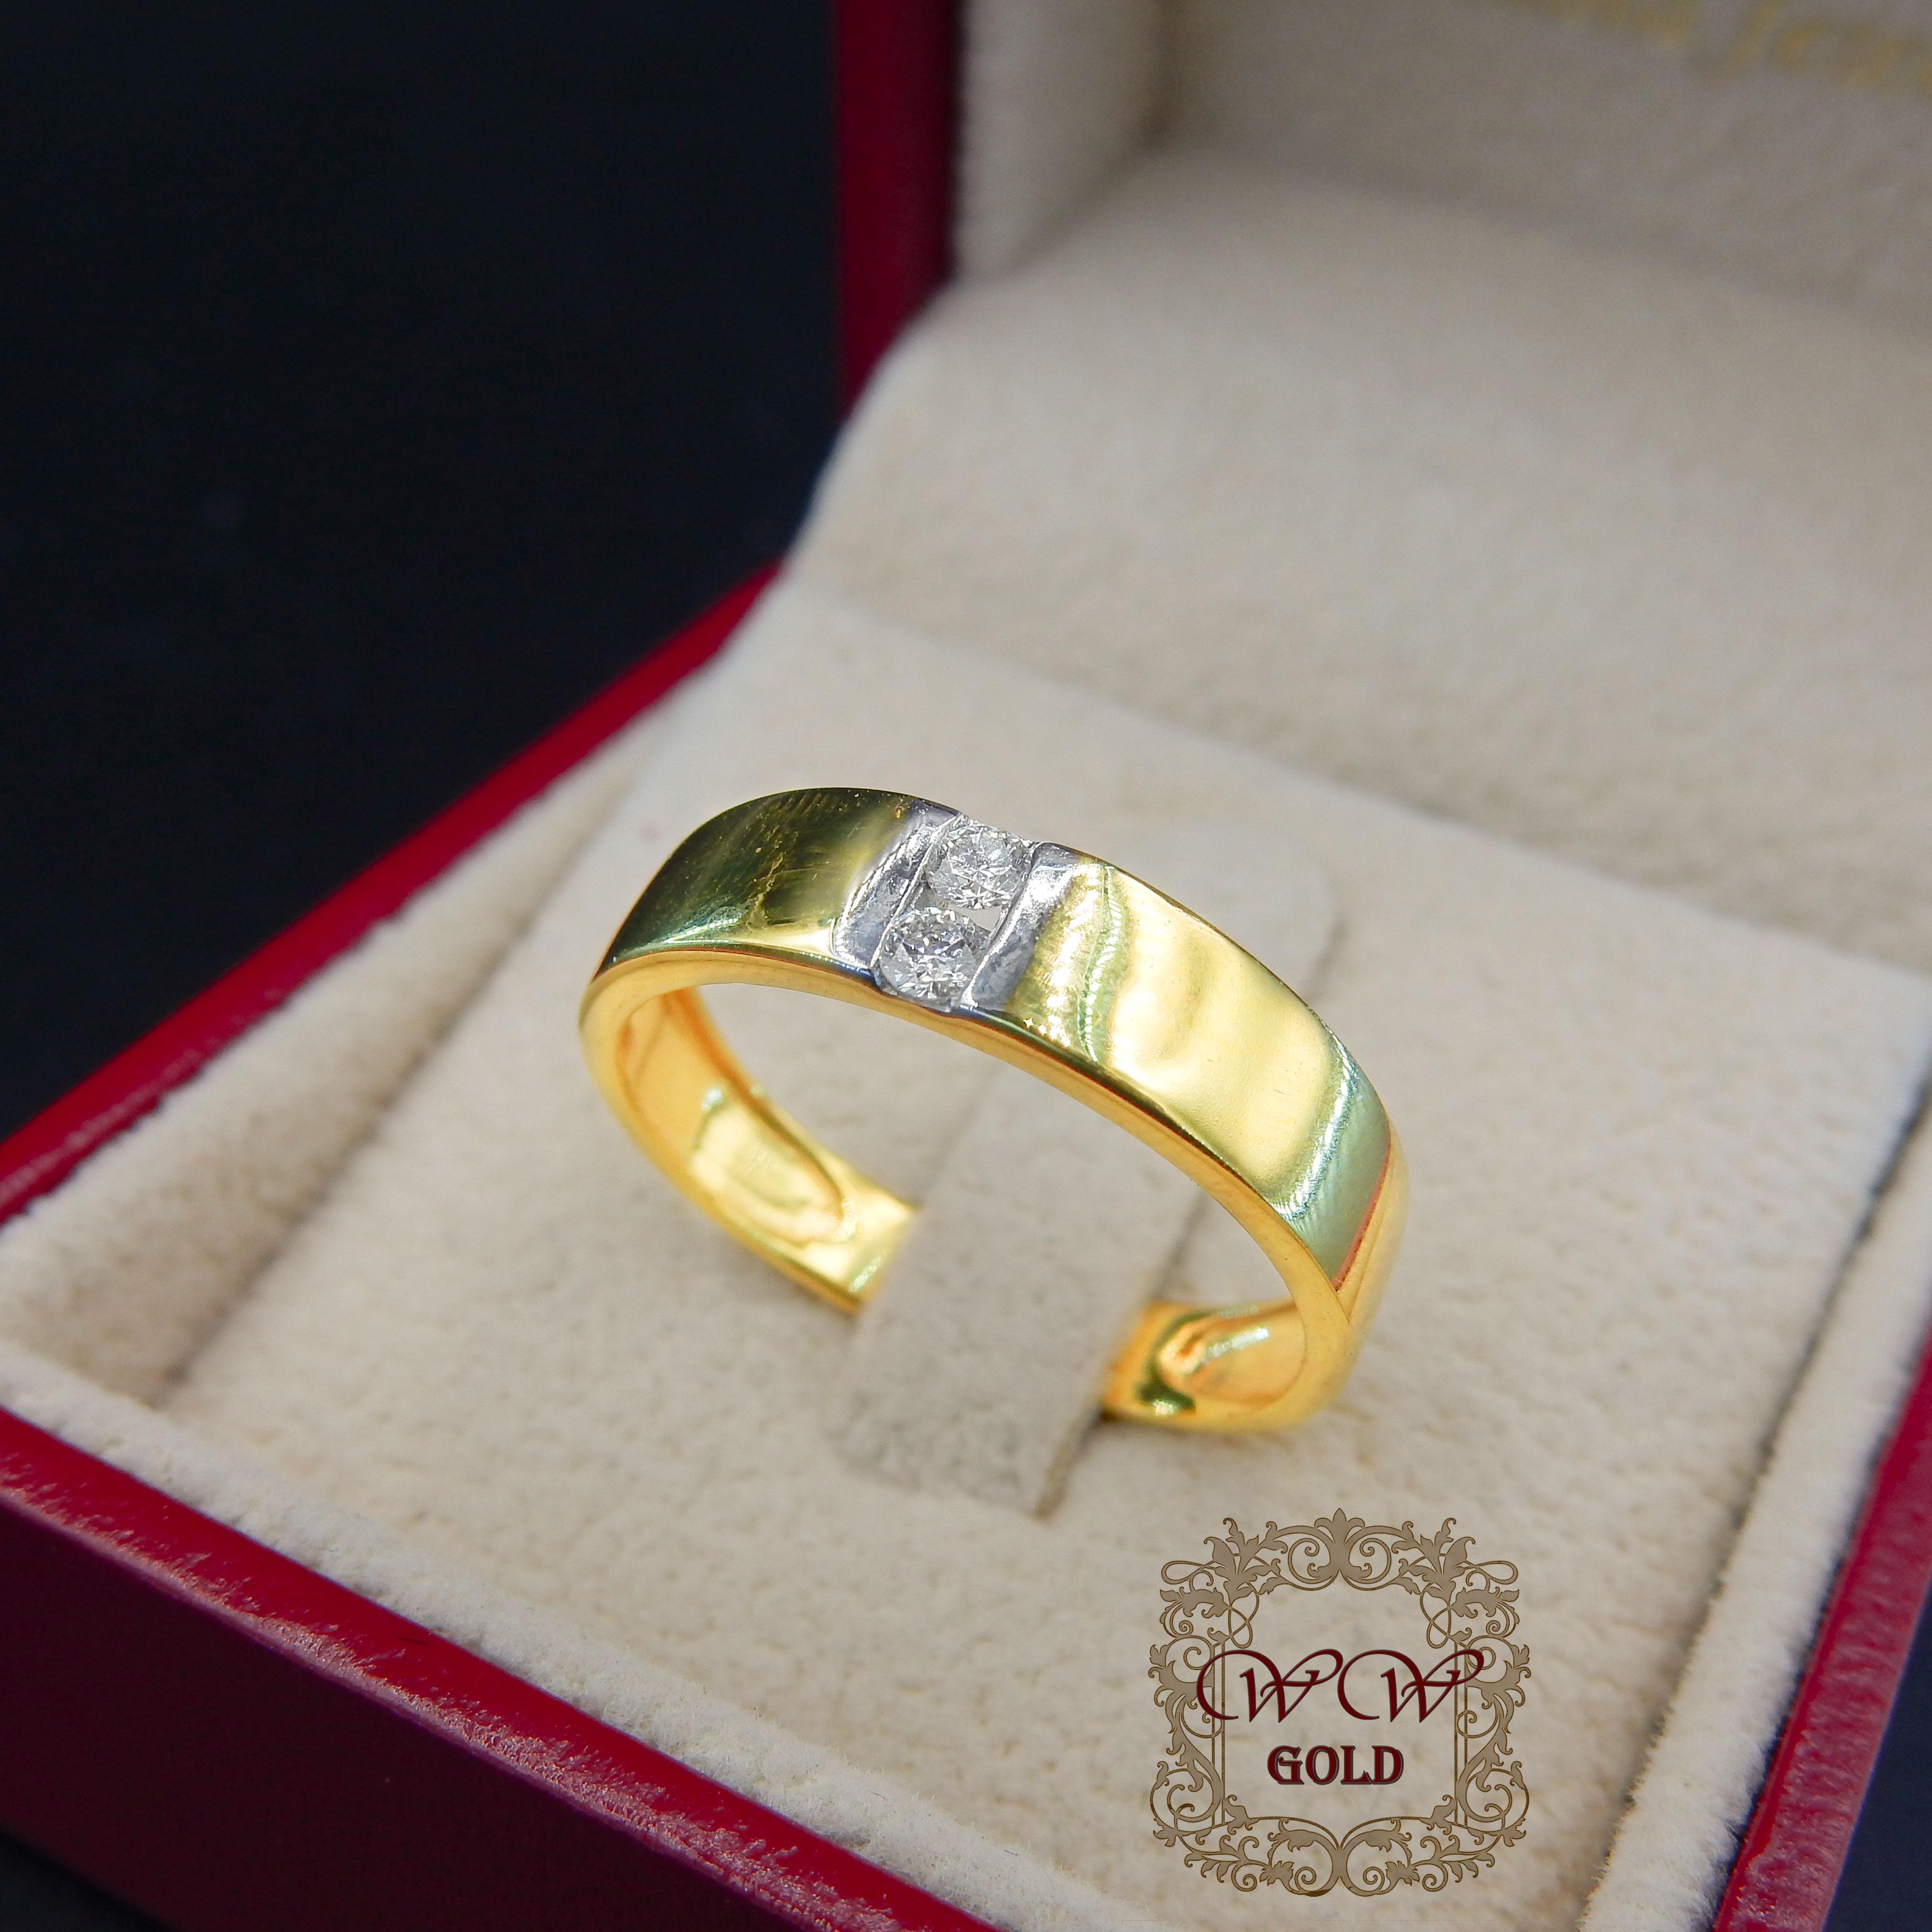 แหวนเพชรกลาง 2 เม็ด simple the best1